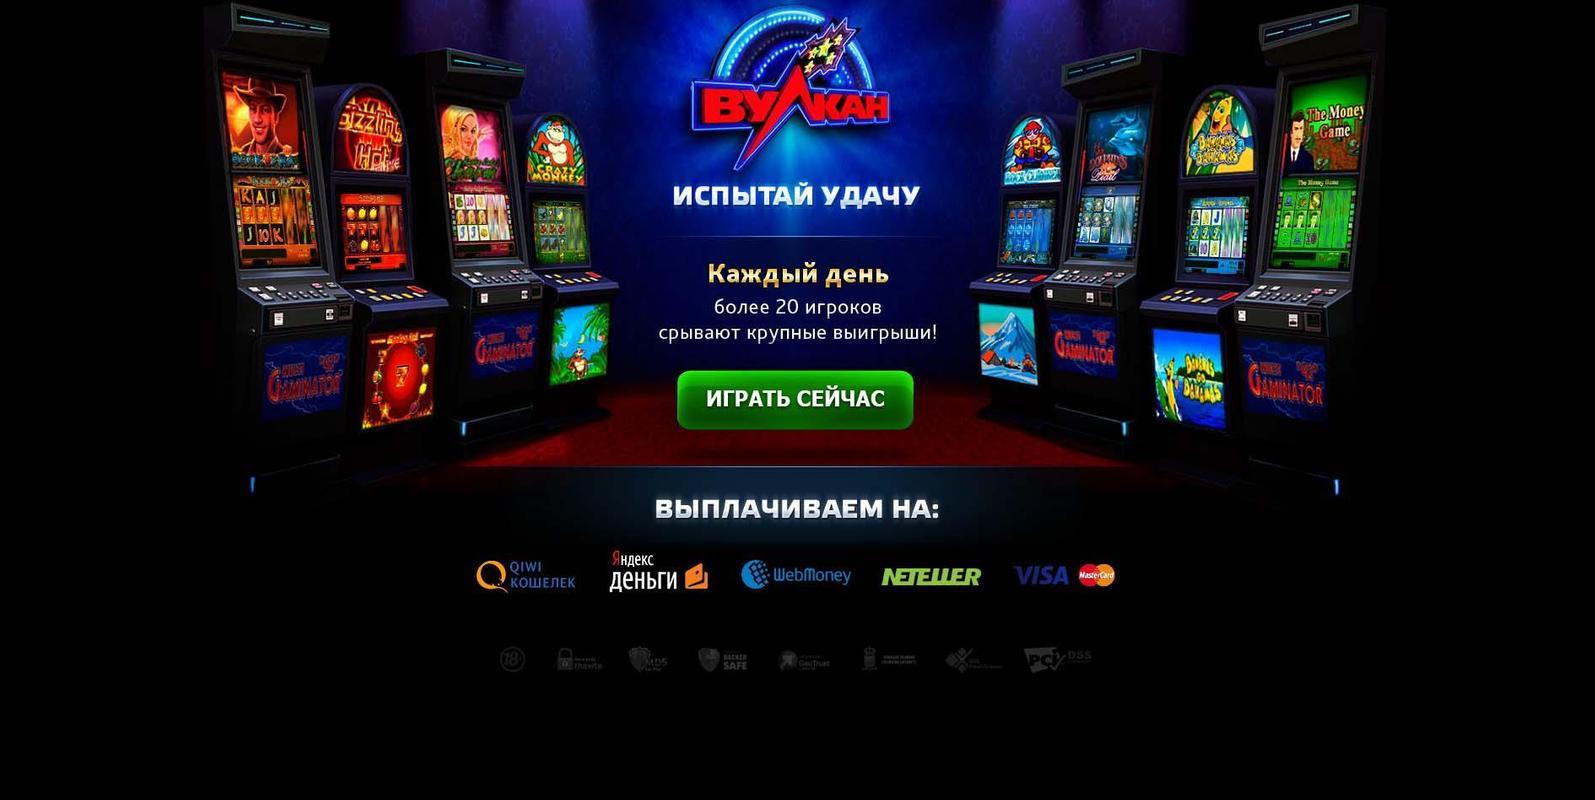 casino vulcan 4